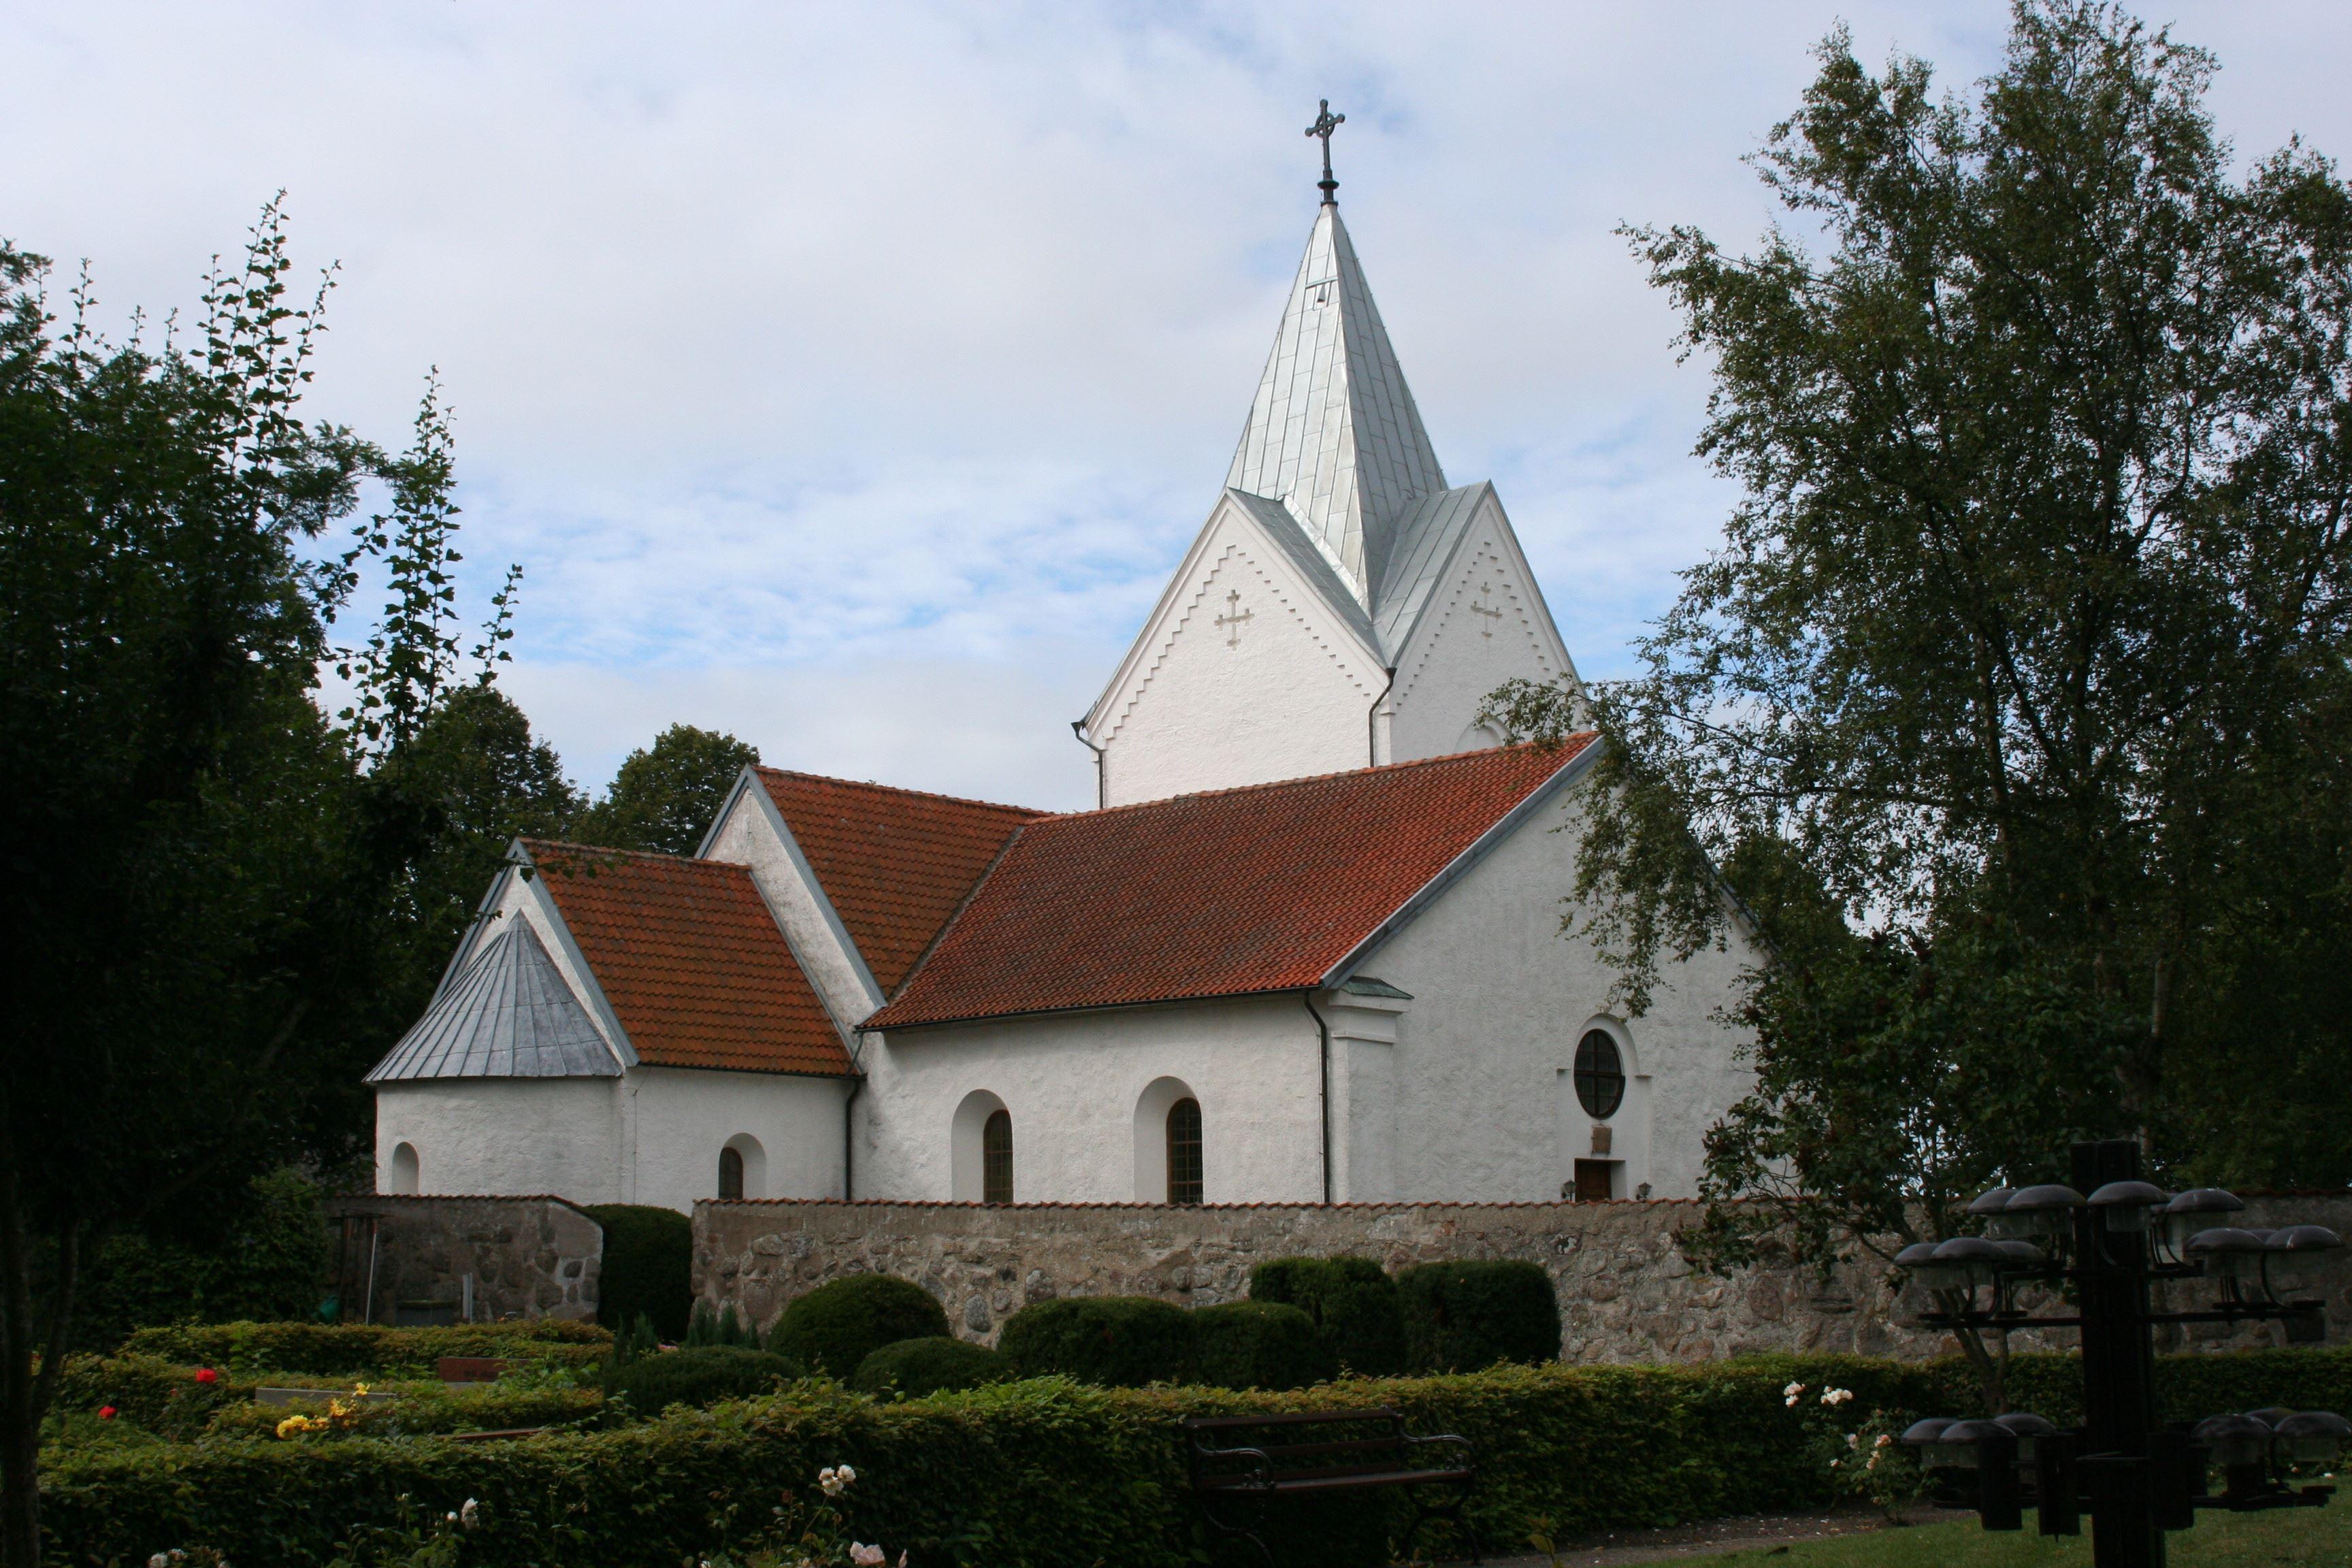 Västra Nöbbelövs kyrka